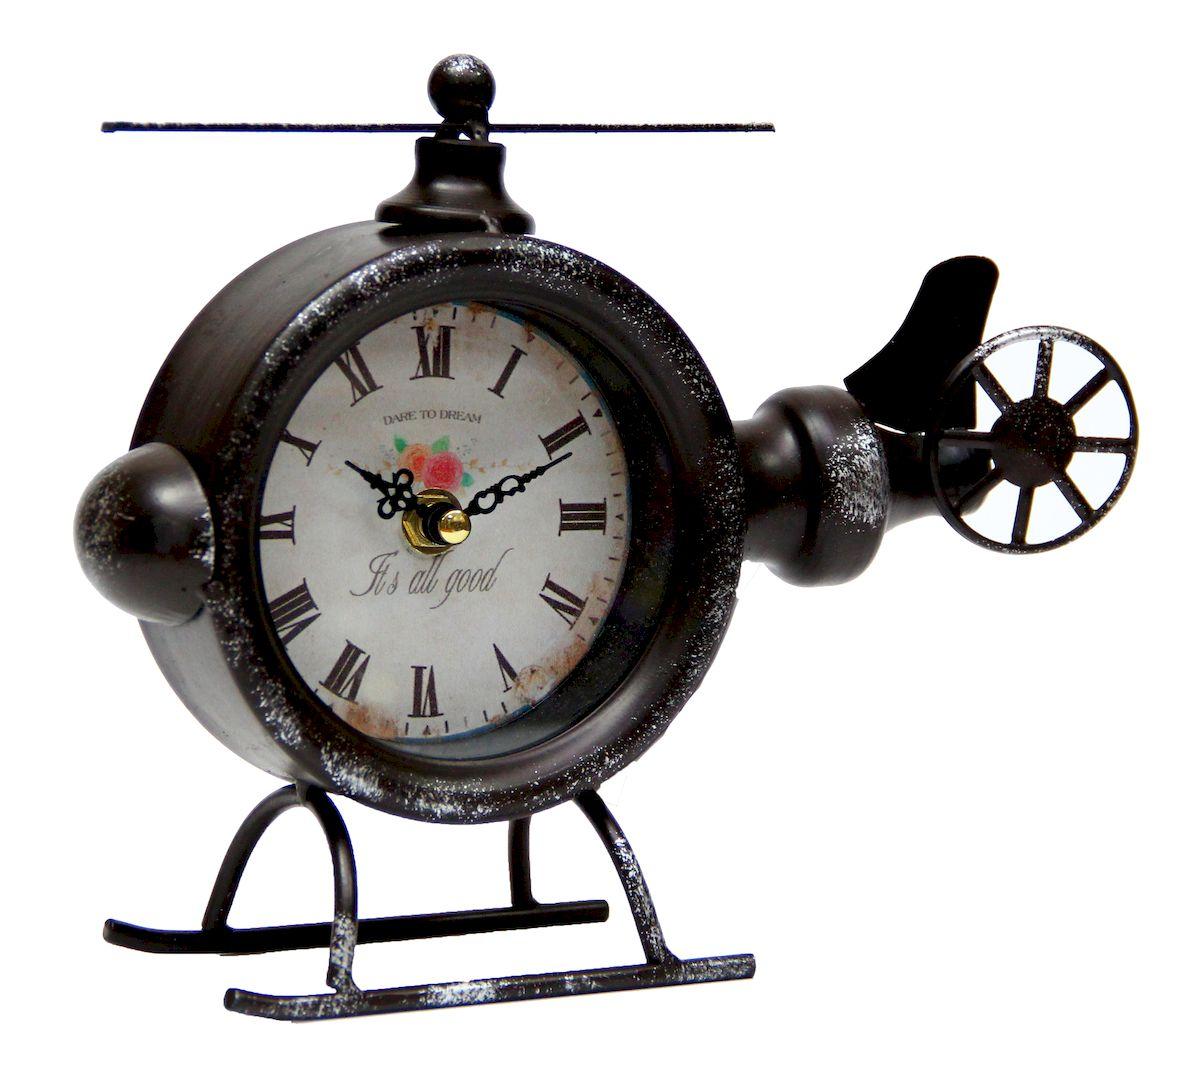 Часы настольные Magic Home Вертолет, кварцевые, цвет: черный94672Настольные кварцевые часы Magic Home Вертолет изготовлены из металла черного цвета, циферблат из черного металла с покрытием из принтованной бумаги. Настольные часы Magic Home Вертолет прекрасно оформят интерьер дома или рабочий стол в офисе.Часы работают от одной батарейки типа АА мощностью 1,5V (не входит в комплект).